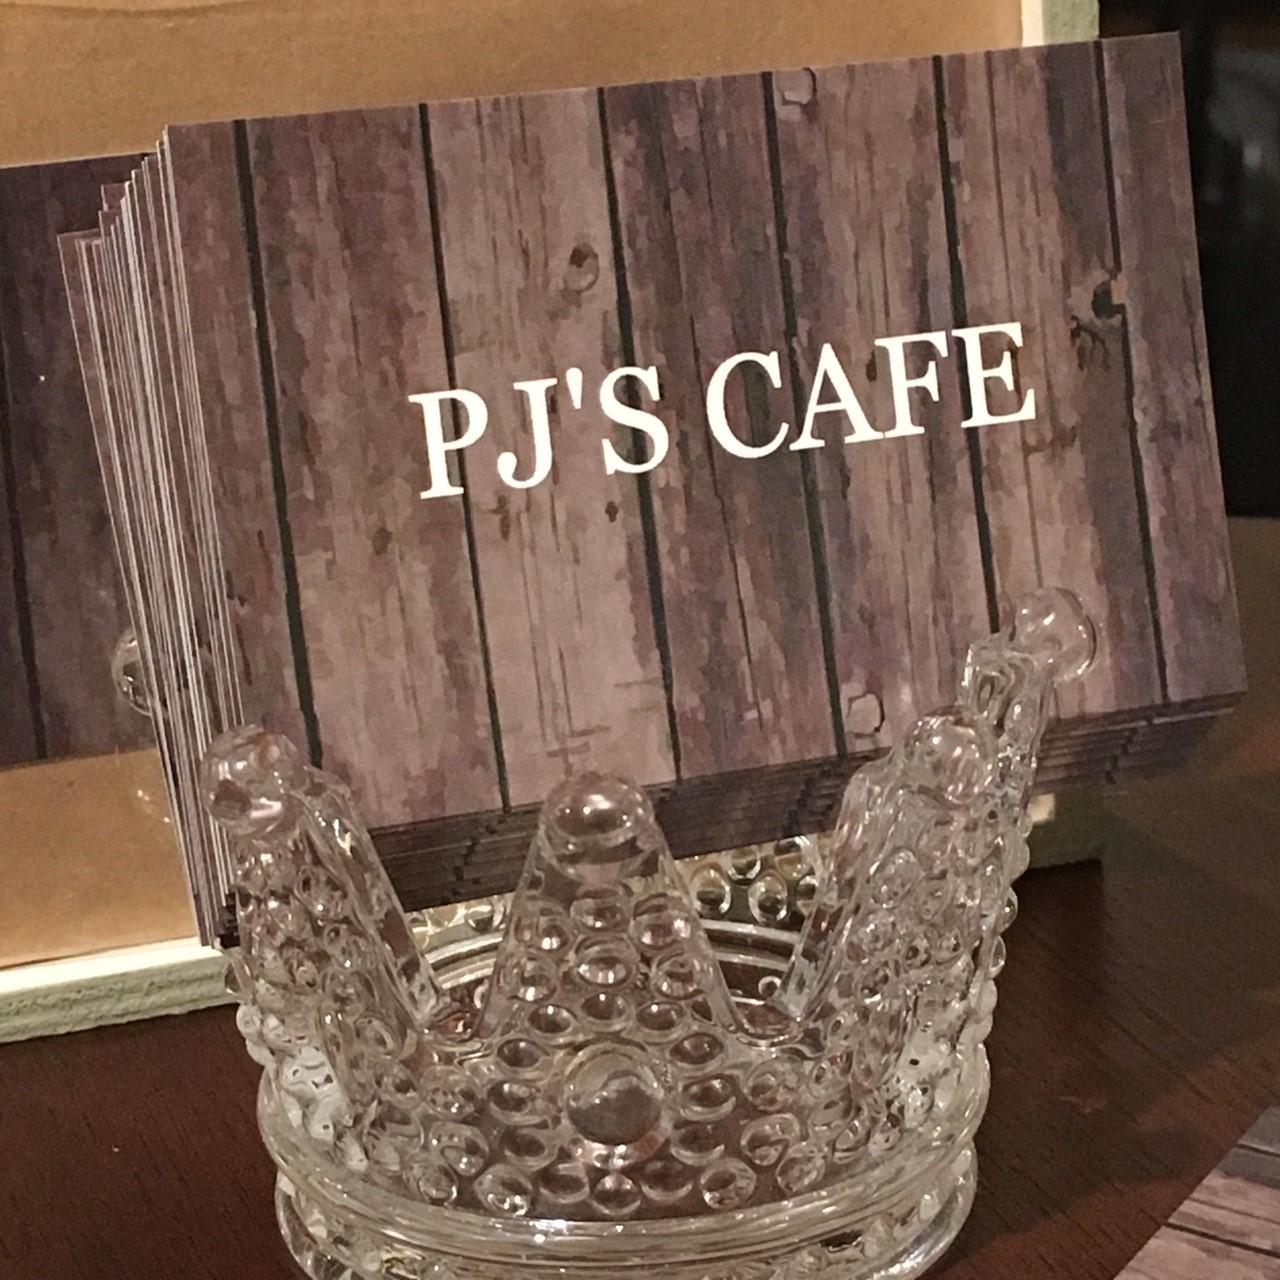 ピージェイズカフェ